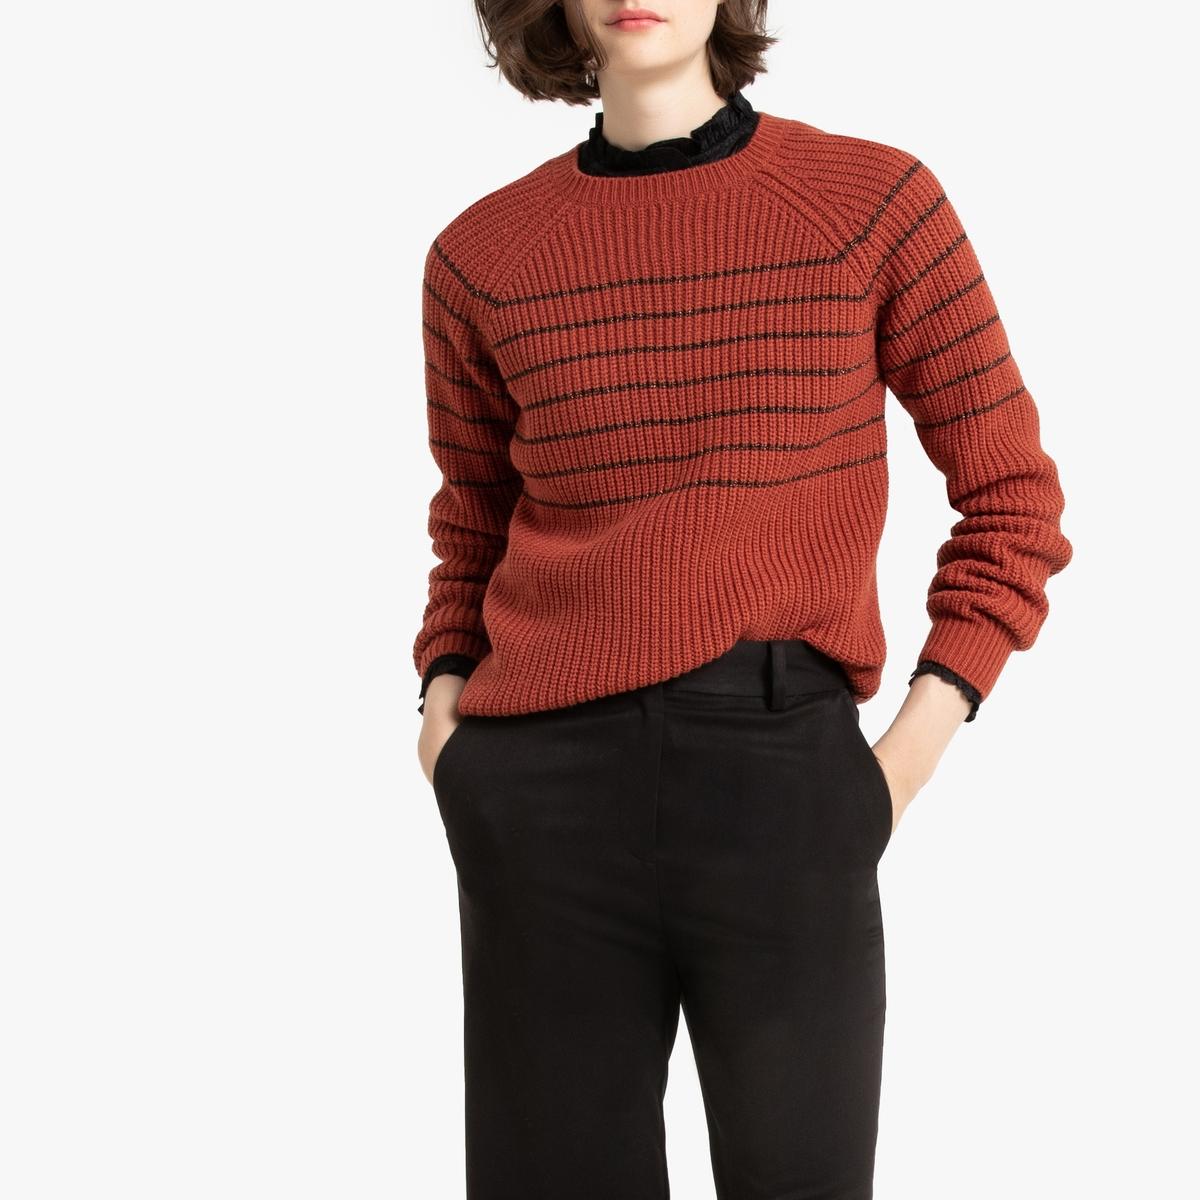 цена Пуловер La Redoute С круглым вырезом в полоску из плотного трикотажа L красный онлайн в 2017 году